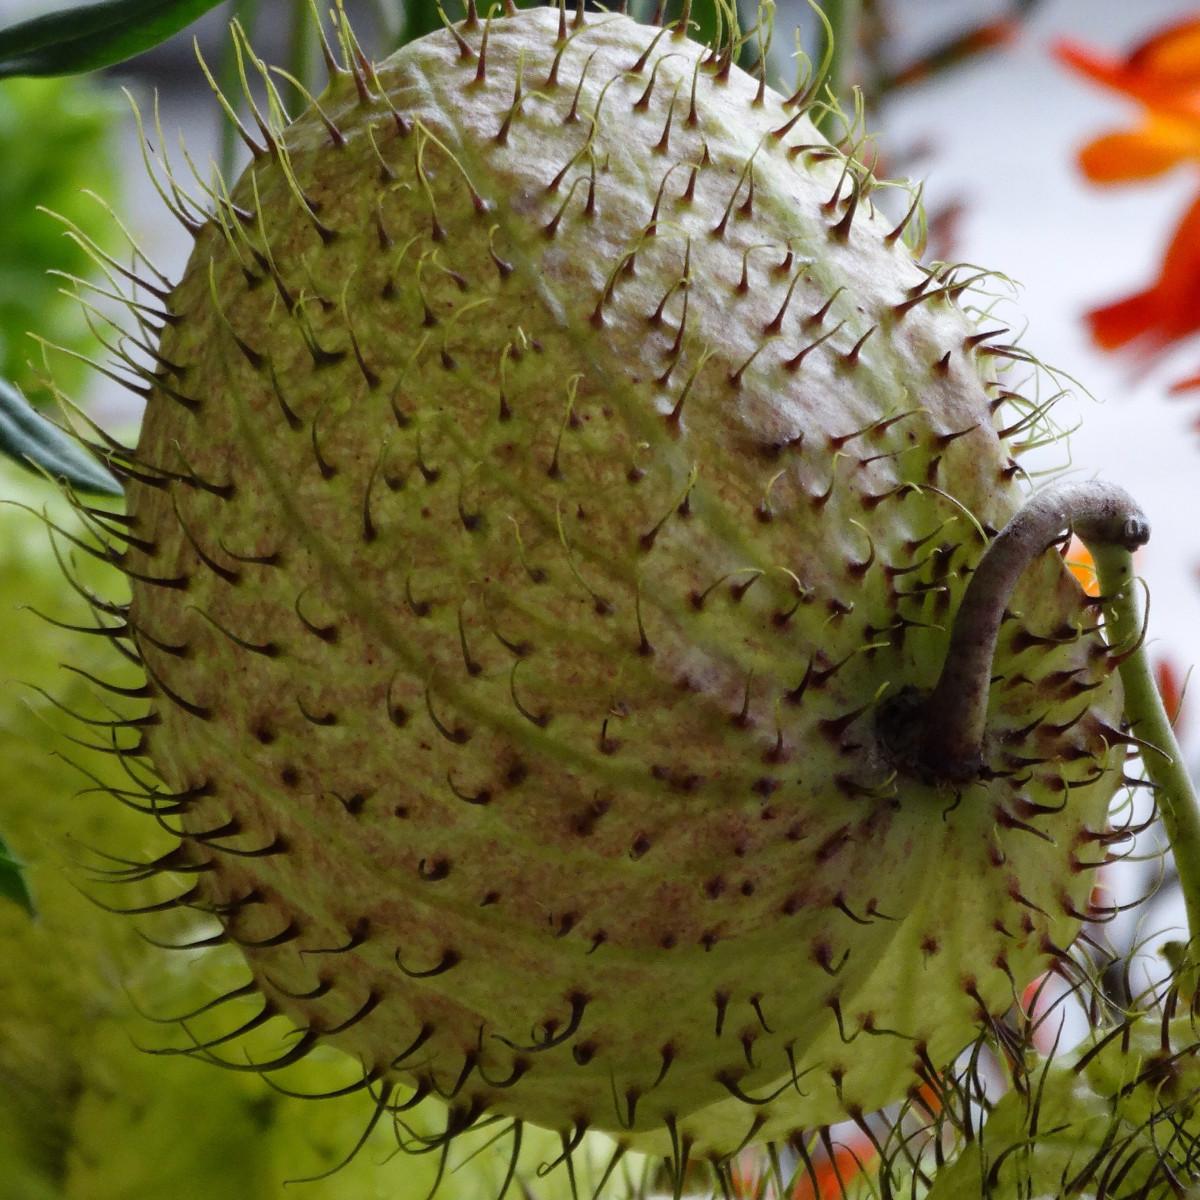 botany durian Durian (durio zibethinus) er frugt der gror i sydøstasien den har en gennemtrængende lugt, og smagen er sødlig og fad durian omtales også som frugternes konge.